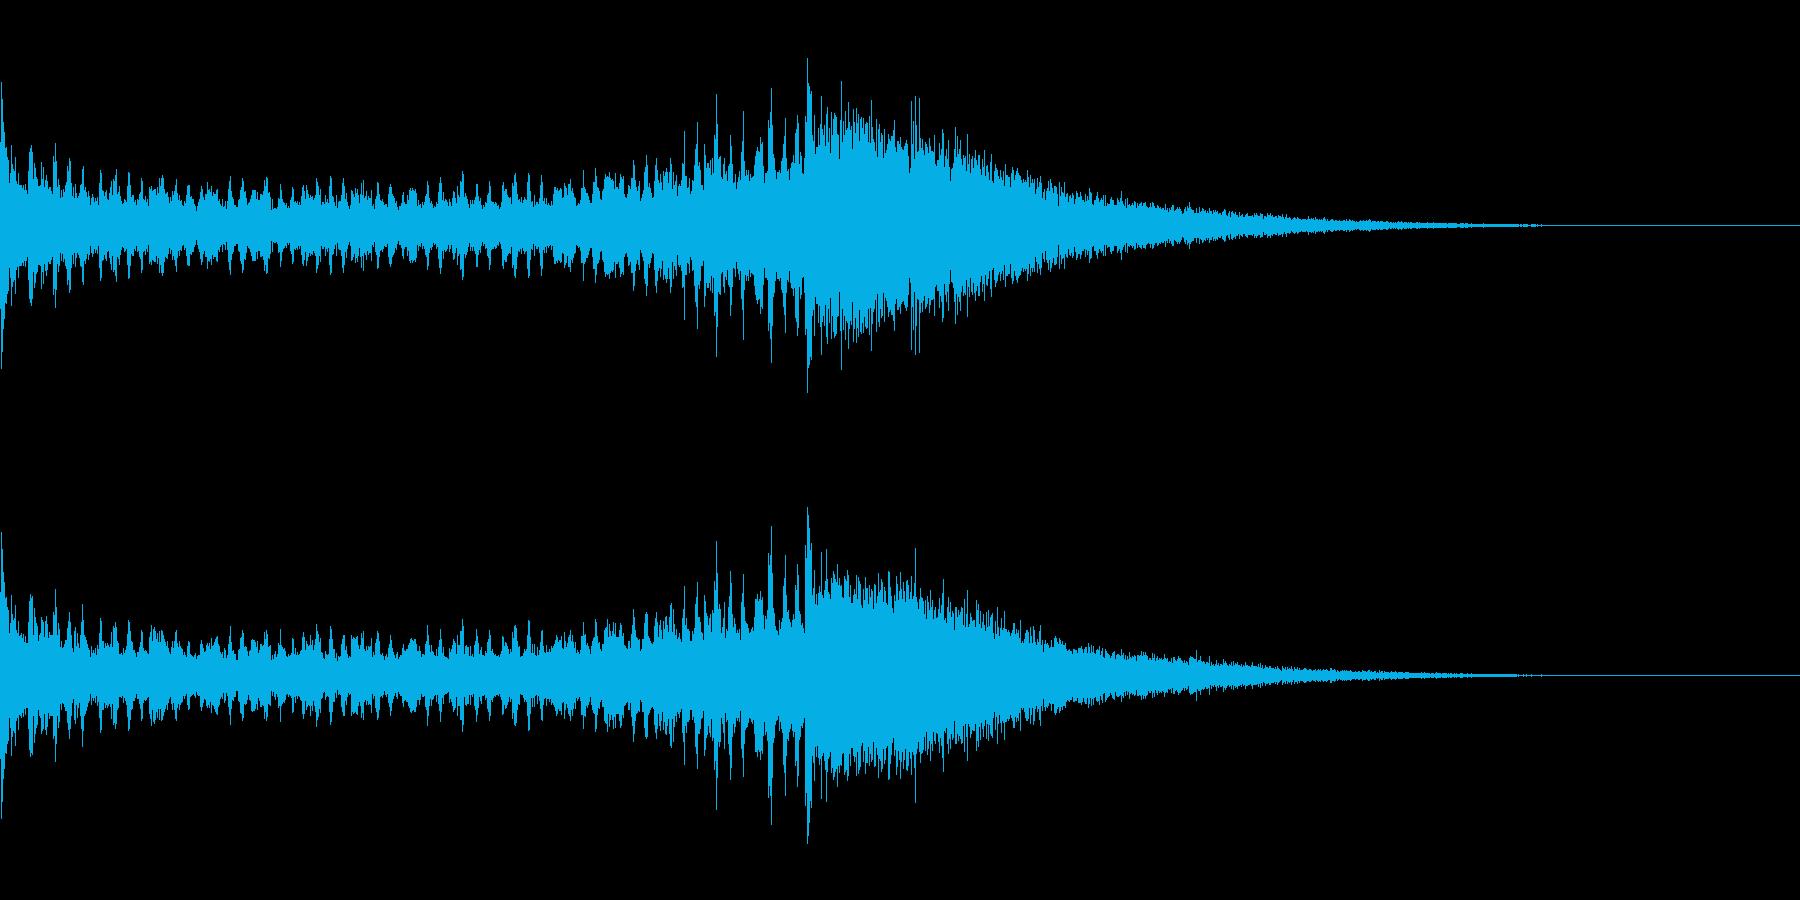 ドラムロールとシンバル 1 残響ありの再生済みの波形